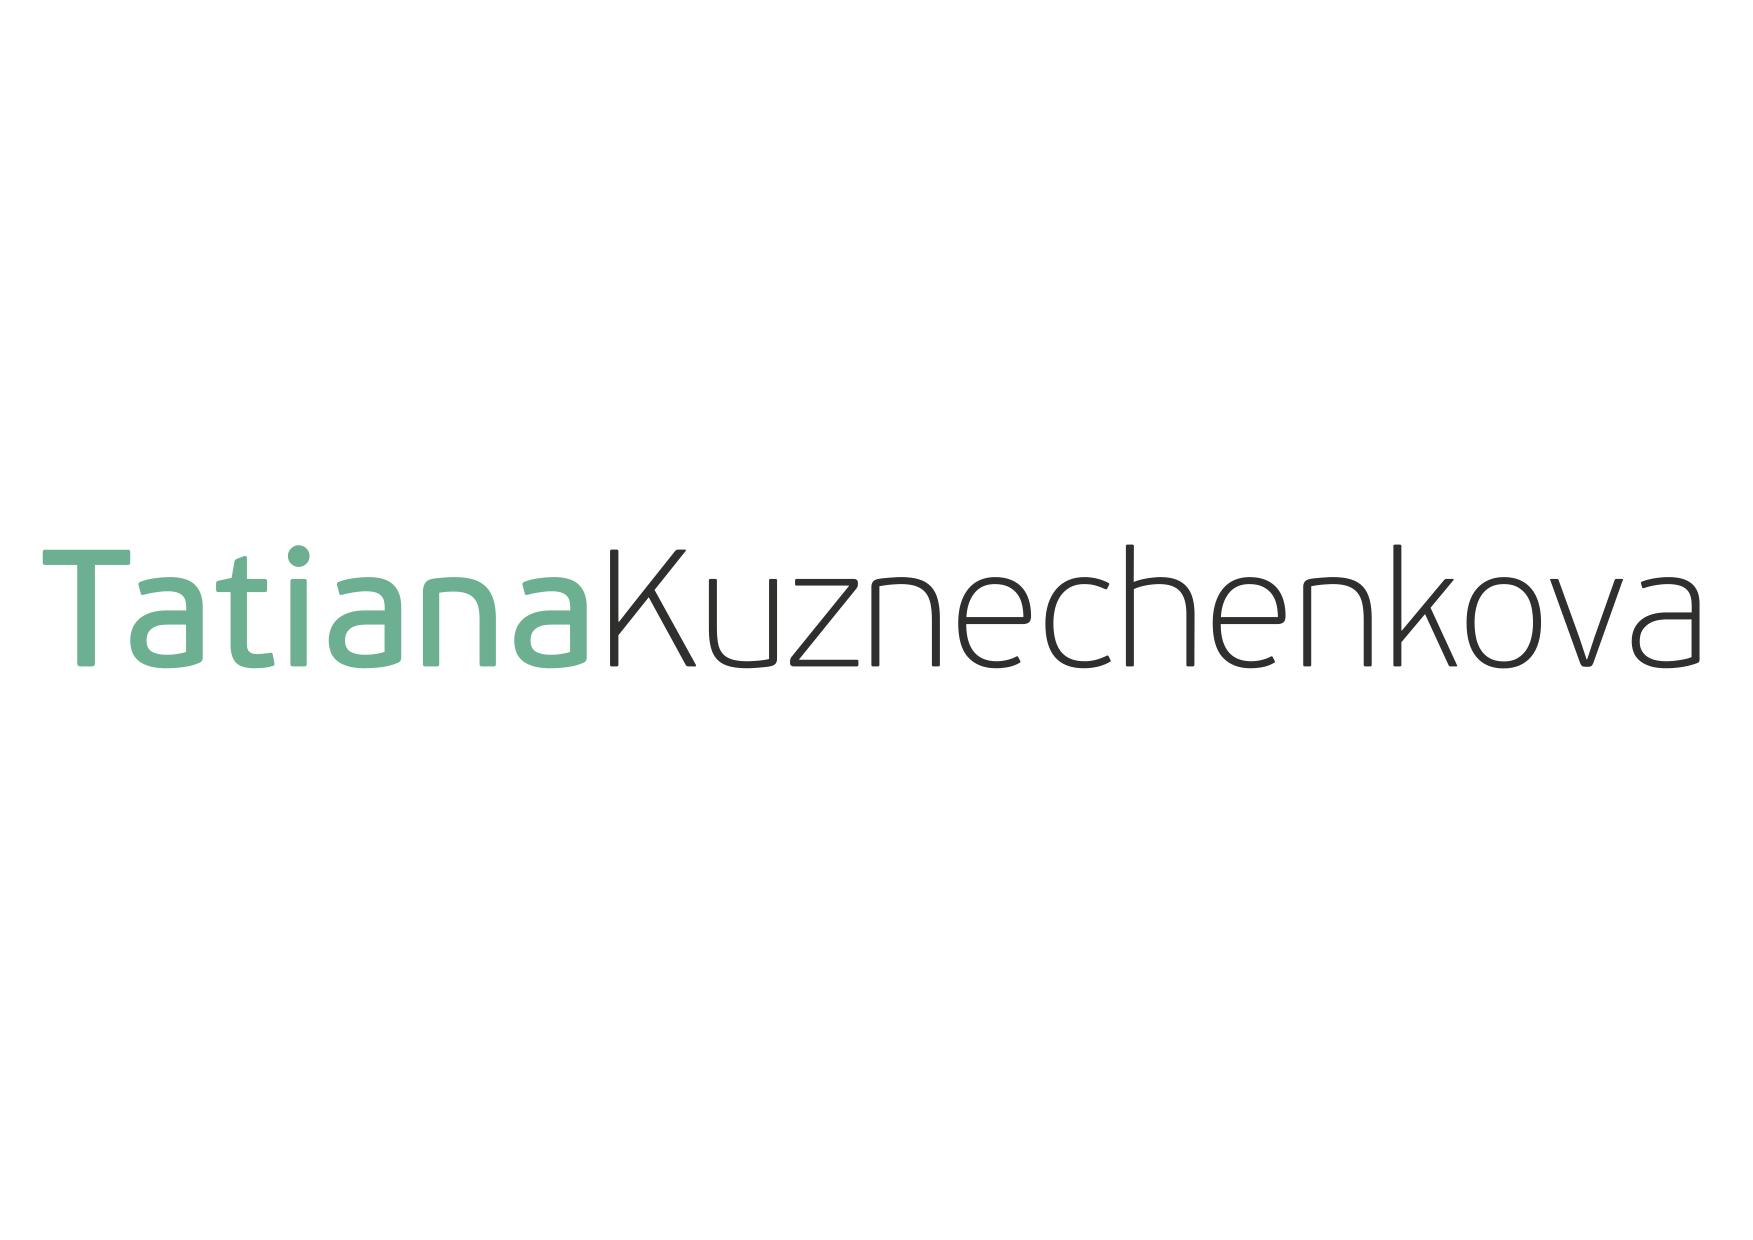 Tatiana-Kuznechenkova-Logo-01-White